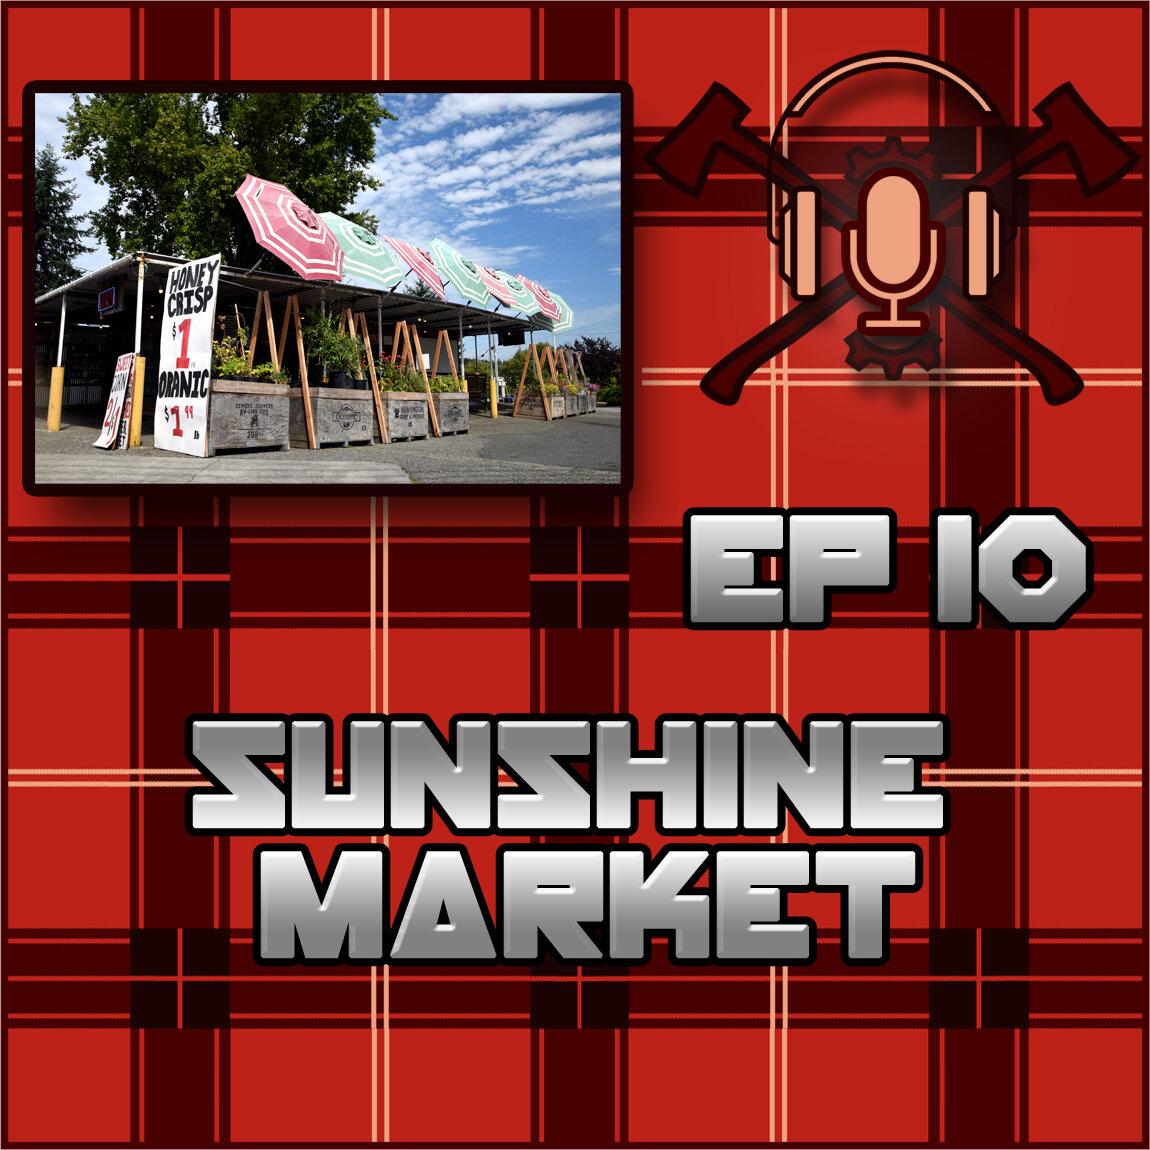 Episode 10 Sunshine Market